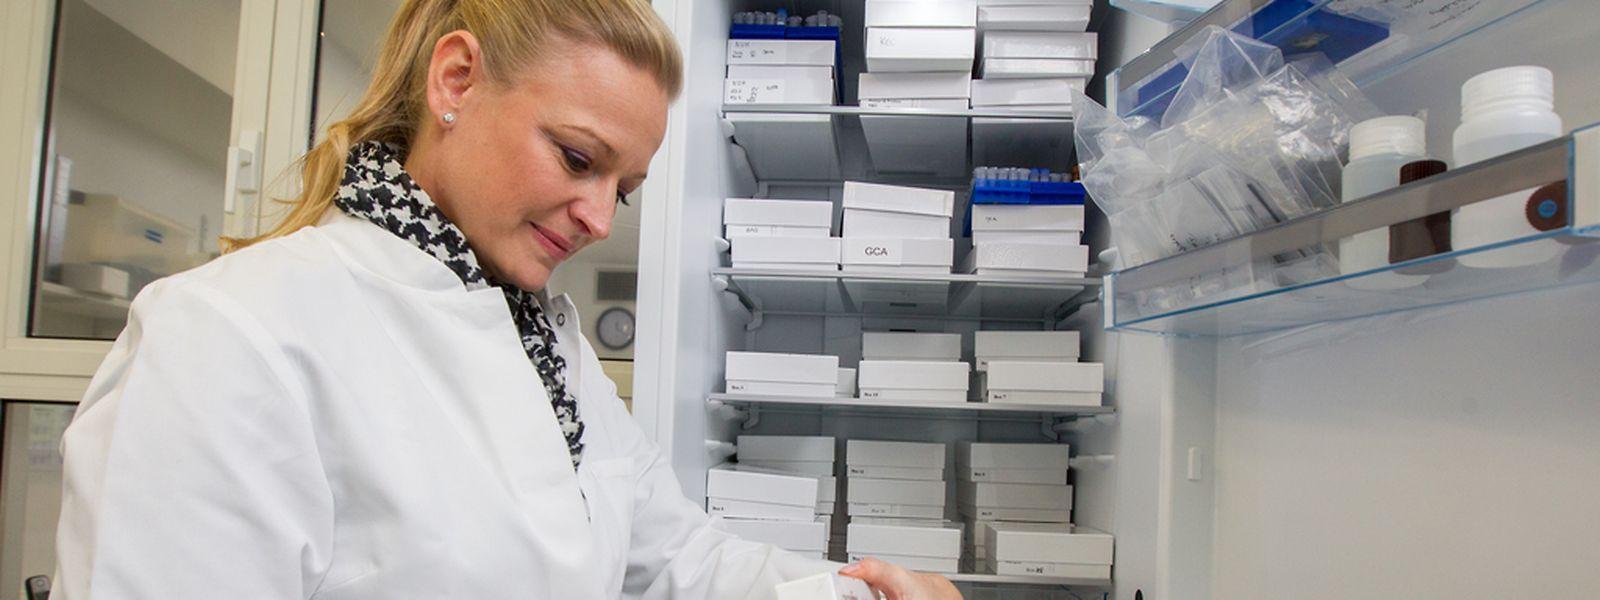 Dieses Jahr verkaufte Fast-Track Diagnostics insgesamt 7031 Testkits in mehr als 70 Ländern.